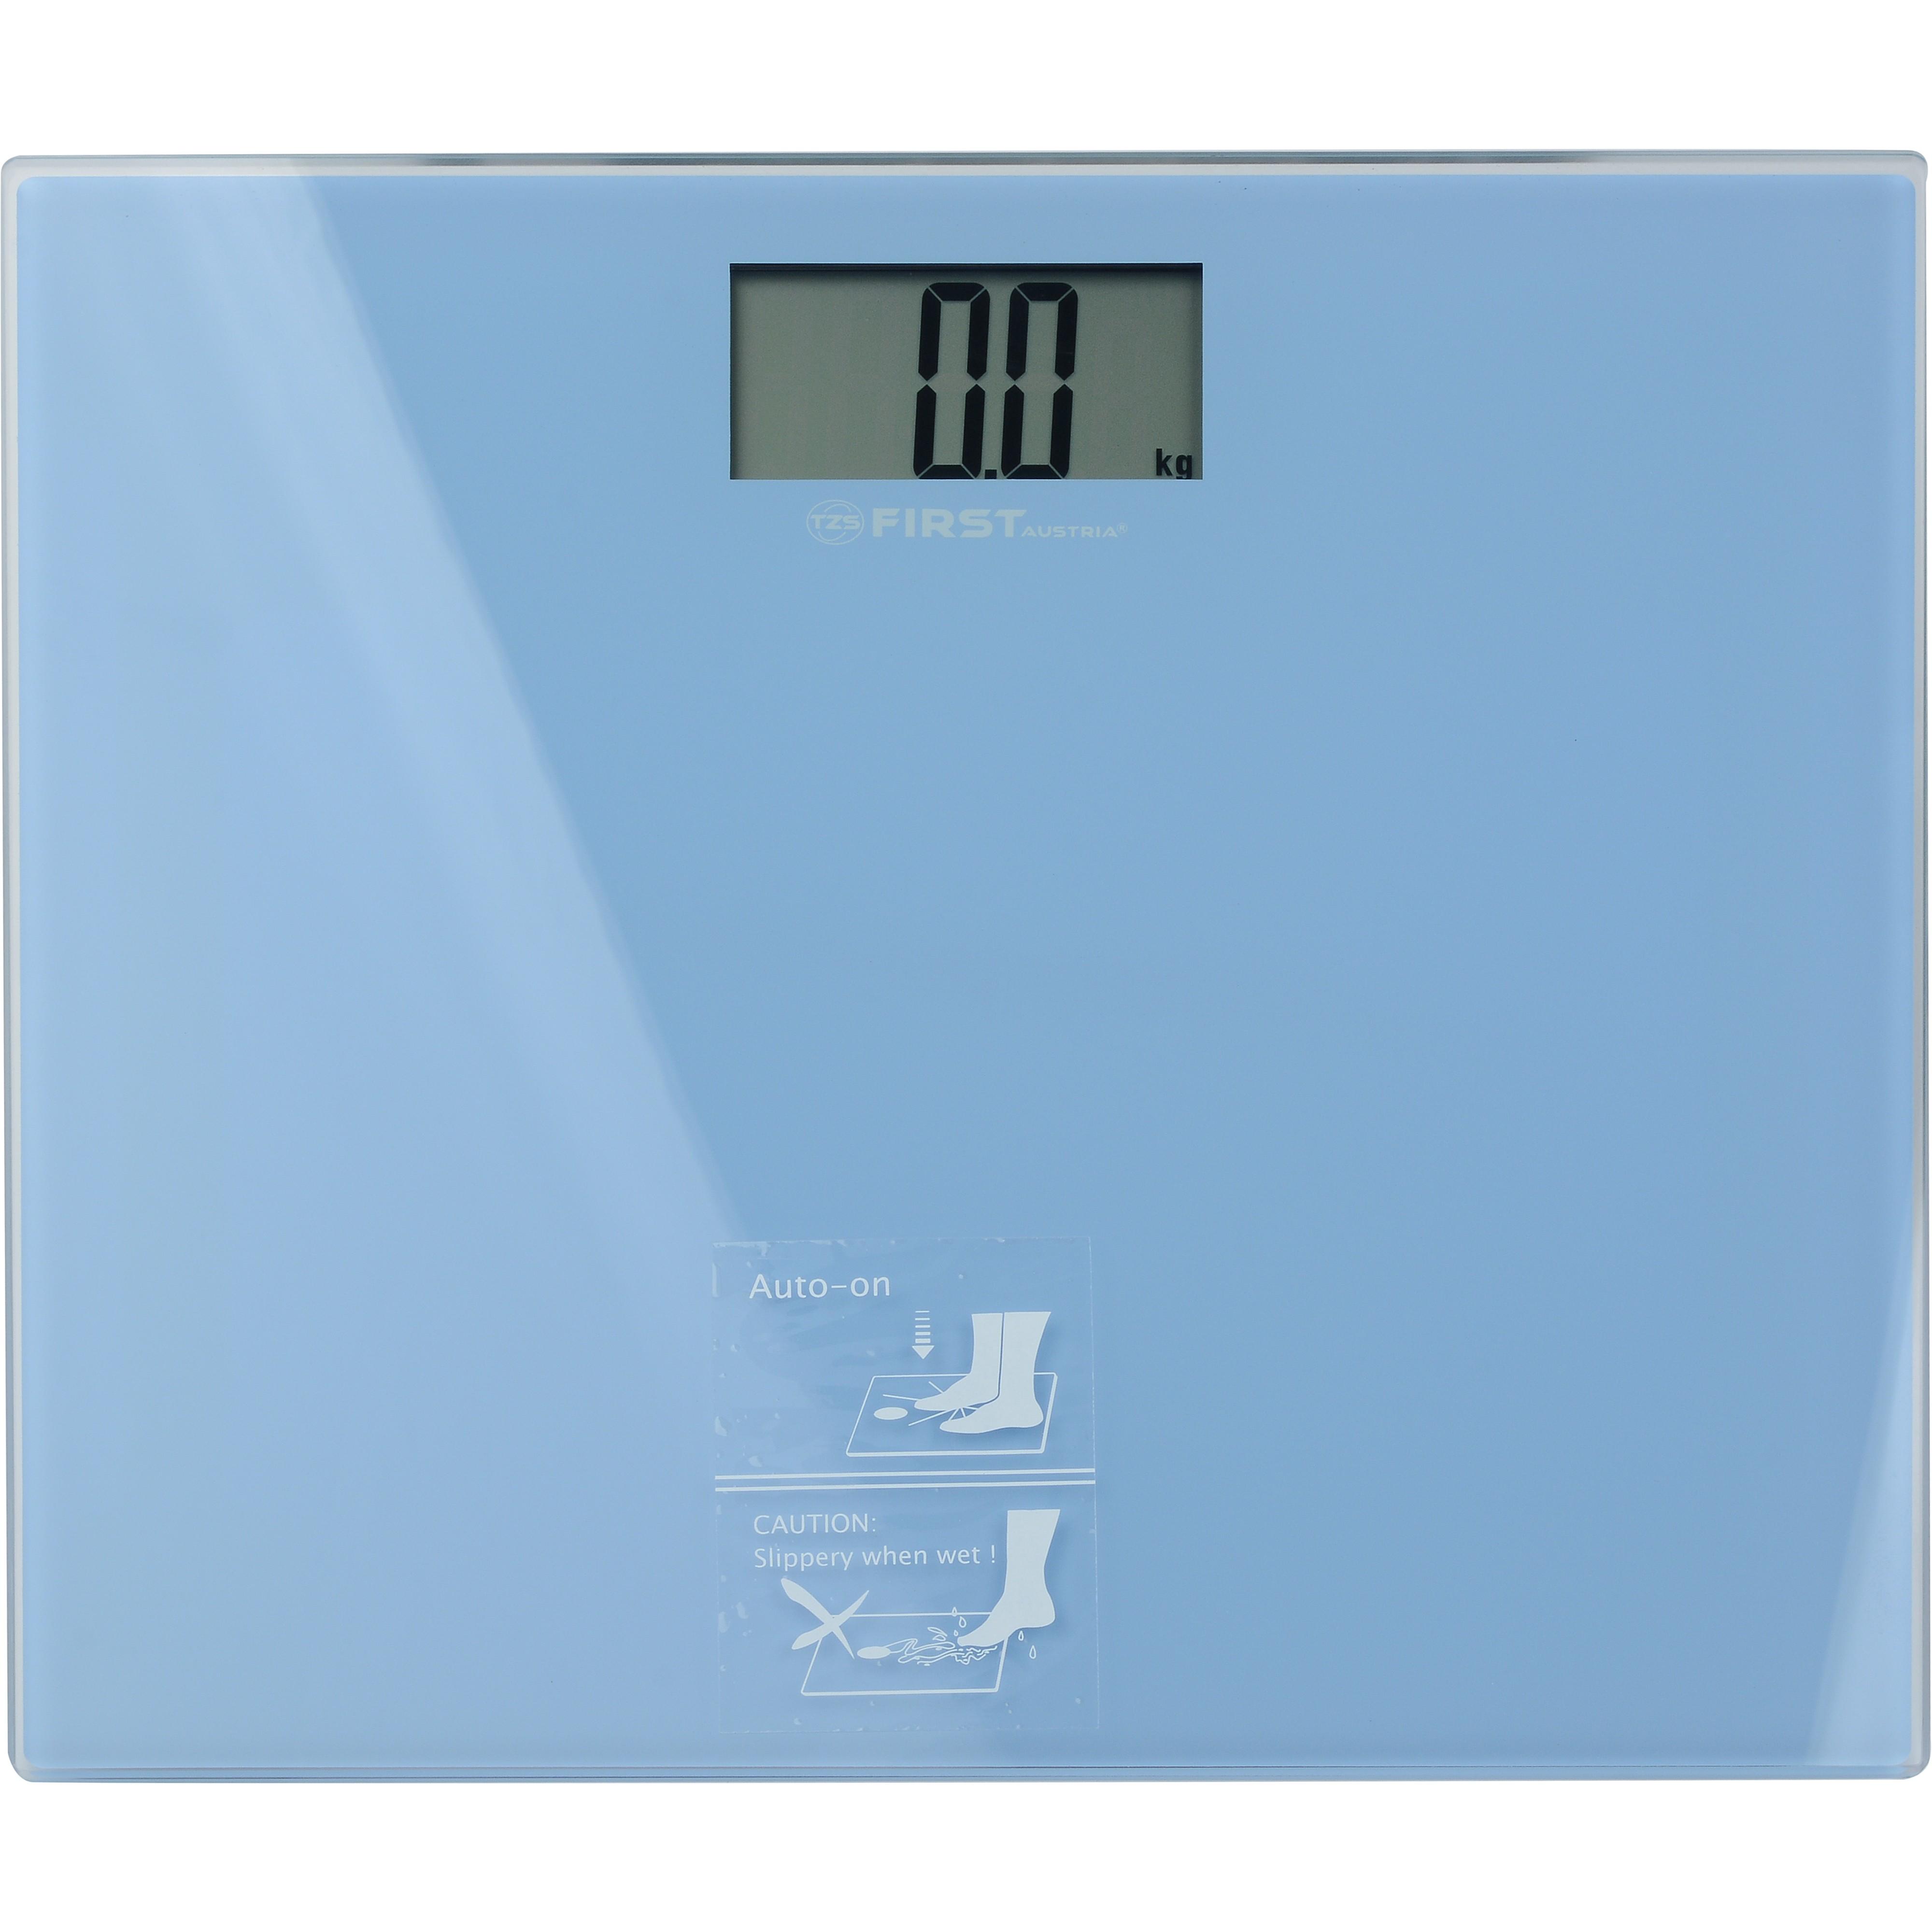 Весы напольные FIRST 8015-2-BLНапольные весы<br>Если ежедневное взвешивание является для вас обязательным утренним ритуалом вам необходимо приобрести точные напольные весы, которые помогут вам контролировать вес и заботится о хорошей физической форме. Используя современную модель напольных весов First FA-8015-2 вы сможете в комфортных домашних условиях отследить изменения в весе с точностью до 100 грамм.<br>